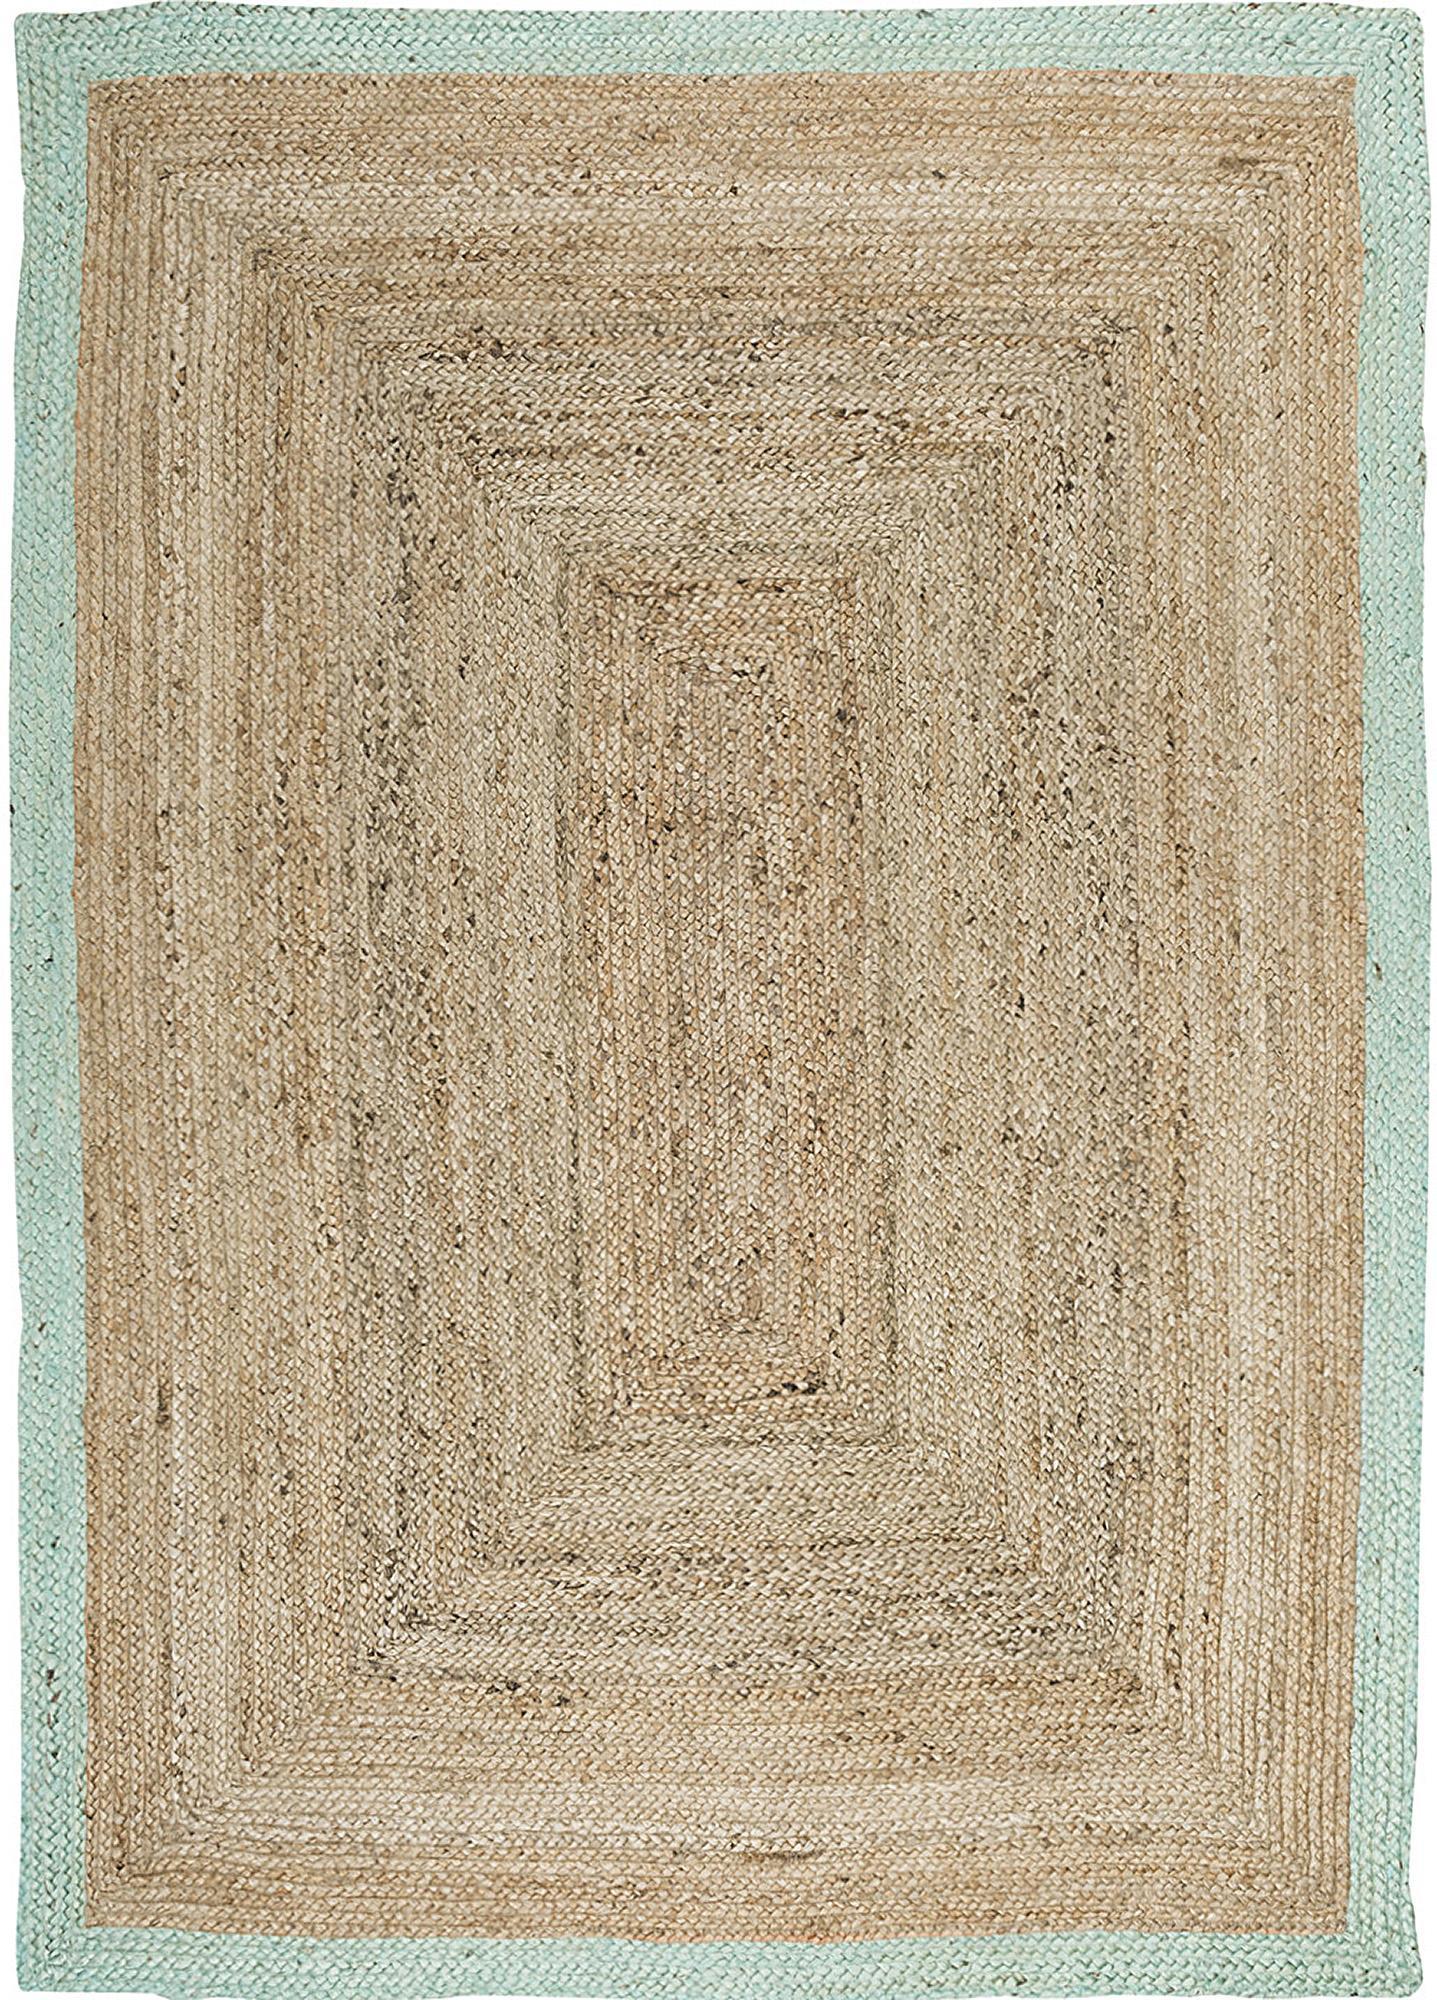 Handgemaakt juten vloerkleed Shanta, Bovenzijde: jute, Onderzijde: jute, Jute, mintgroen, 120 x 180 cm